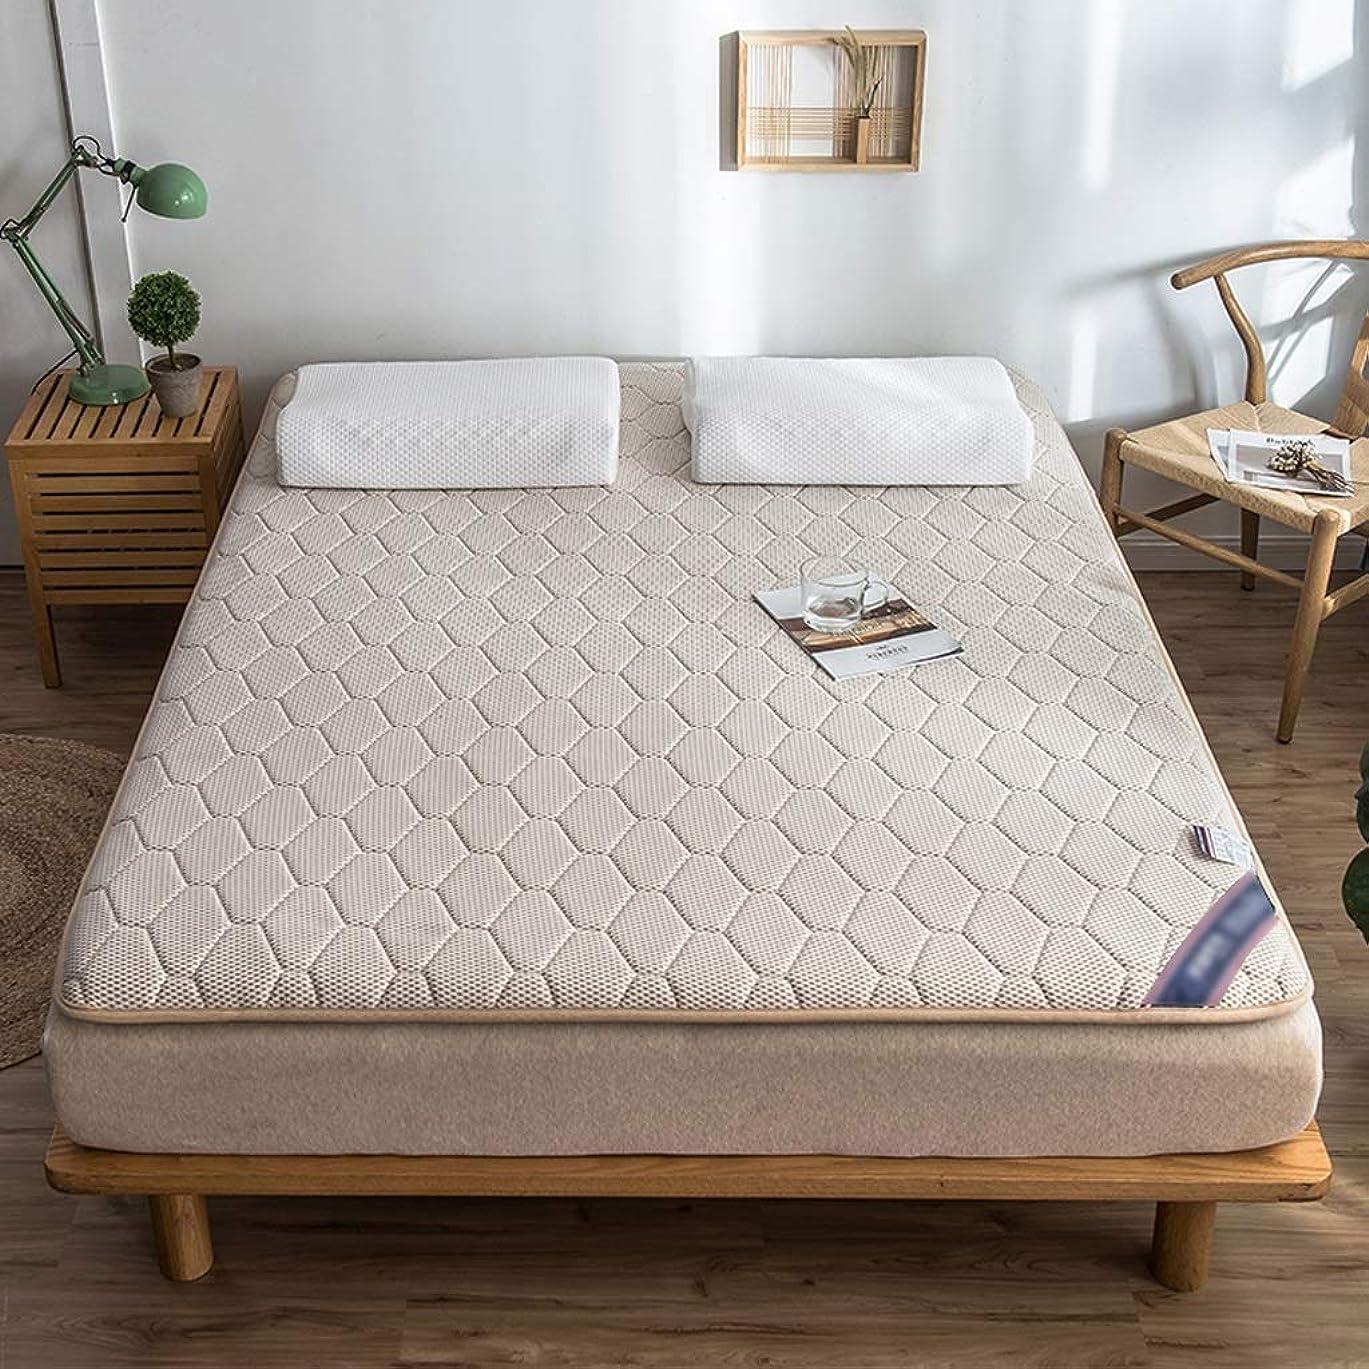 合金乗算びっくりするマットレストッパーパッド天然ラテックスパッド畳ベッドカバー保護パッドフロアマット家庭用クッション (色 : Khaki, サイズさいず : 90×200cm)